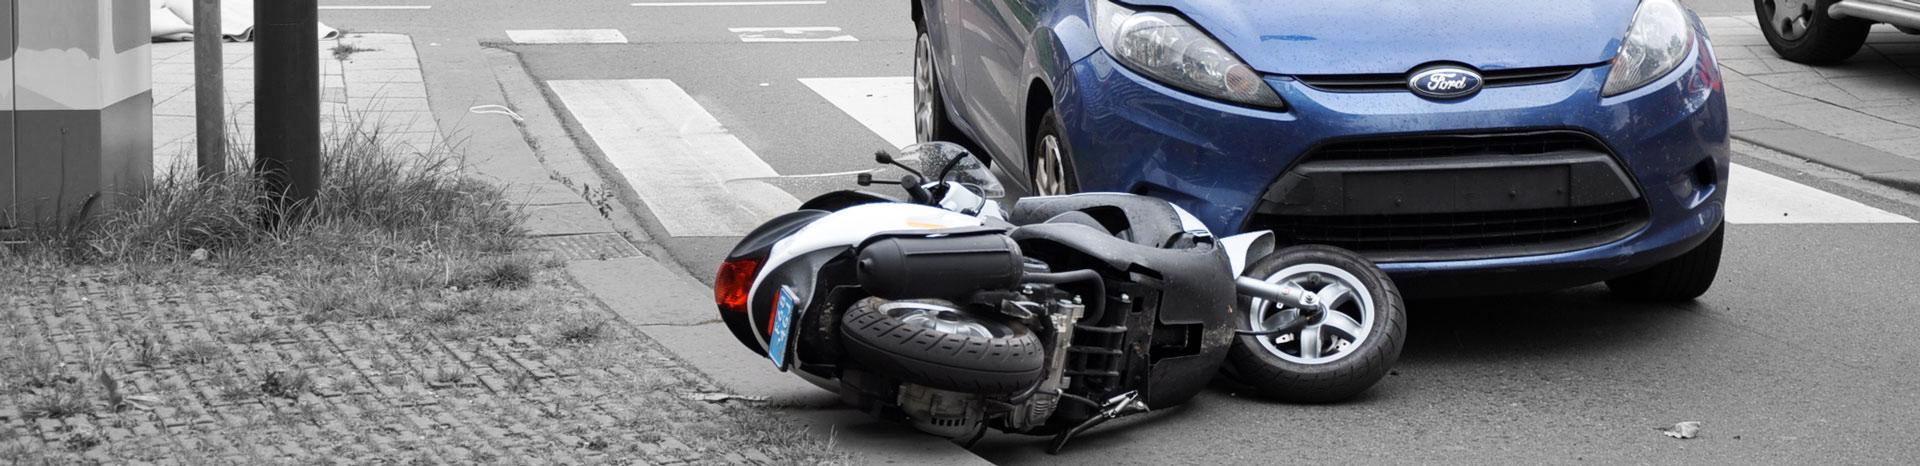 Scooterongeluk | Aanrijding scooter | LetselPro